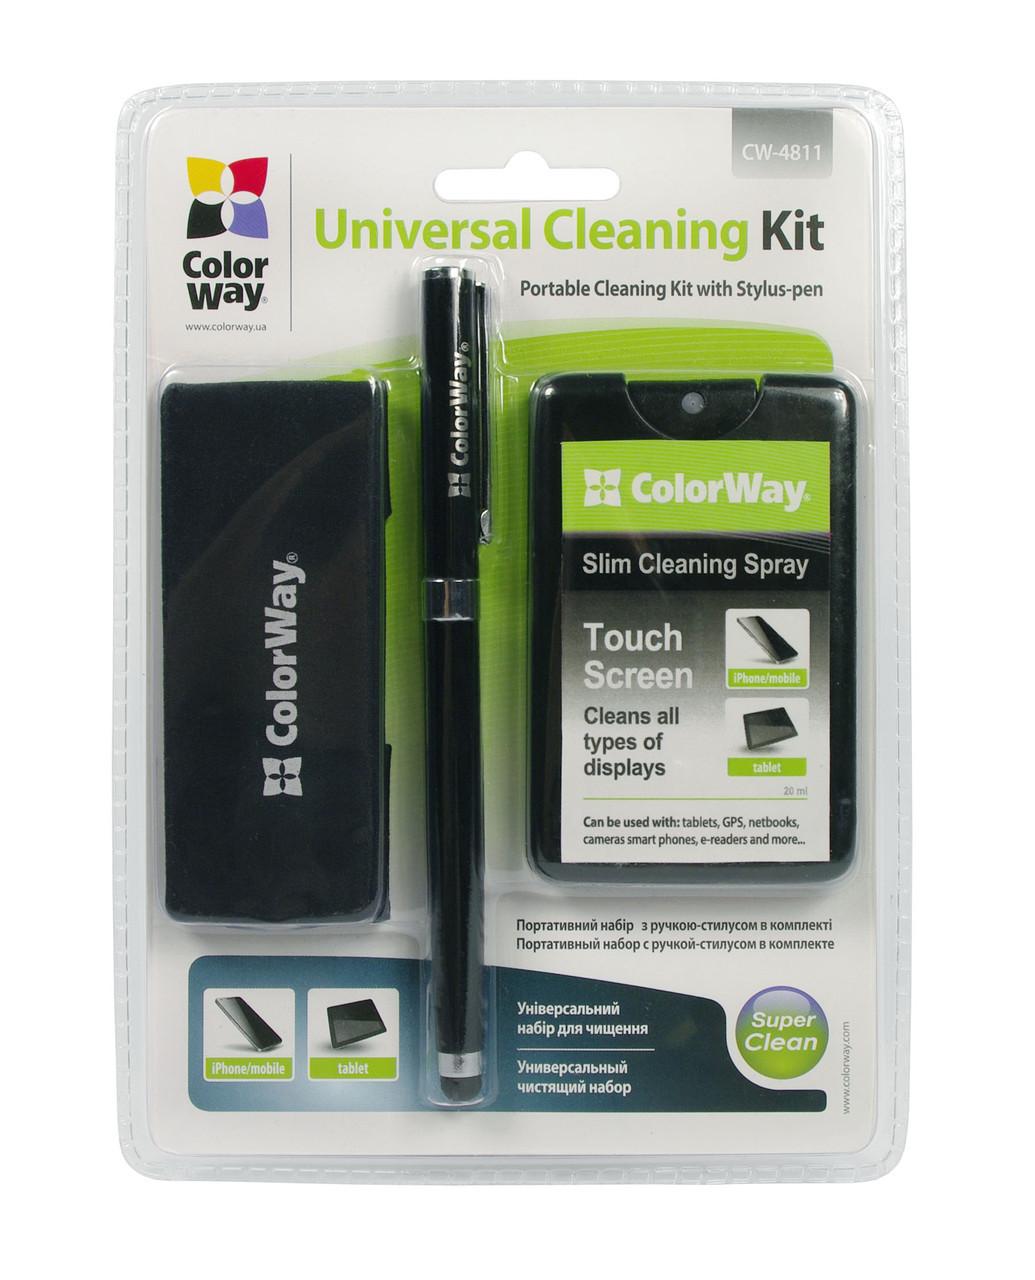 Набор чистящий ColorWay, для ноутбуков, планшетов, смартфонов: Гель для очистки 20 мл, салфетка микрофибра, универсальная ручка-стилус(CW-4811) - для